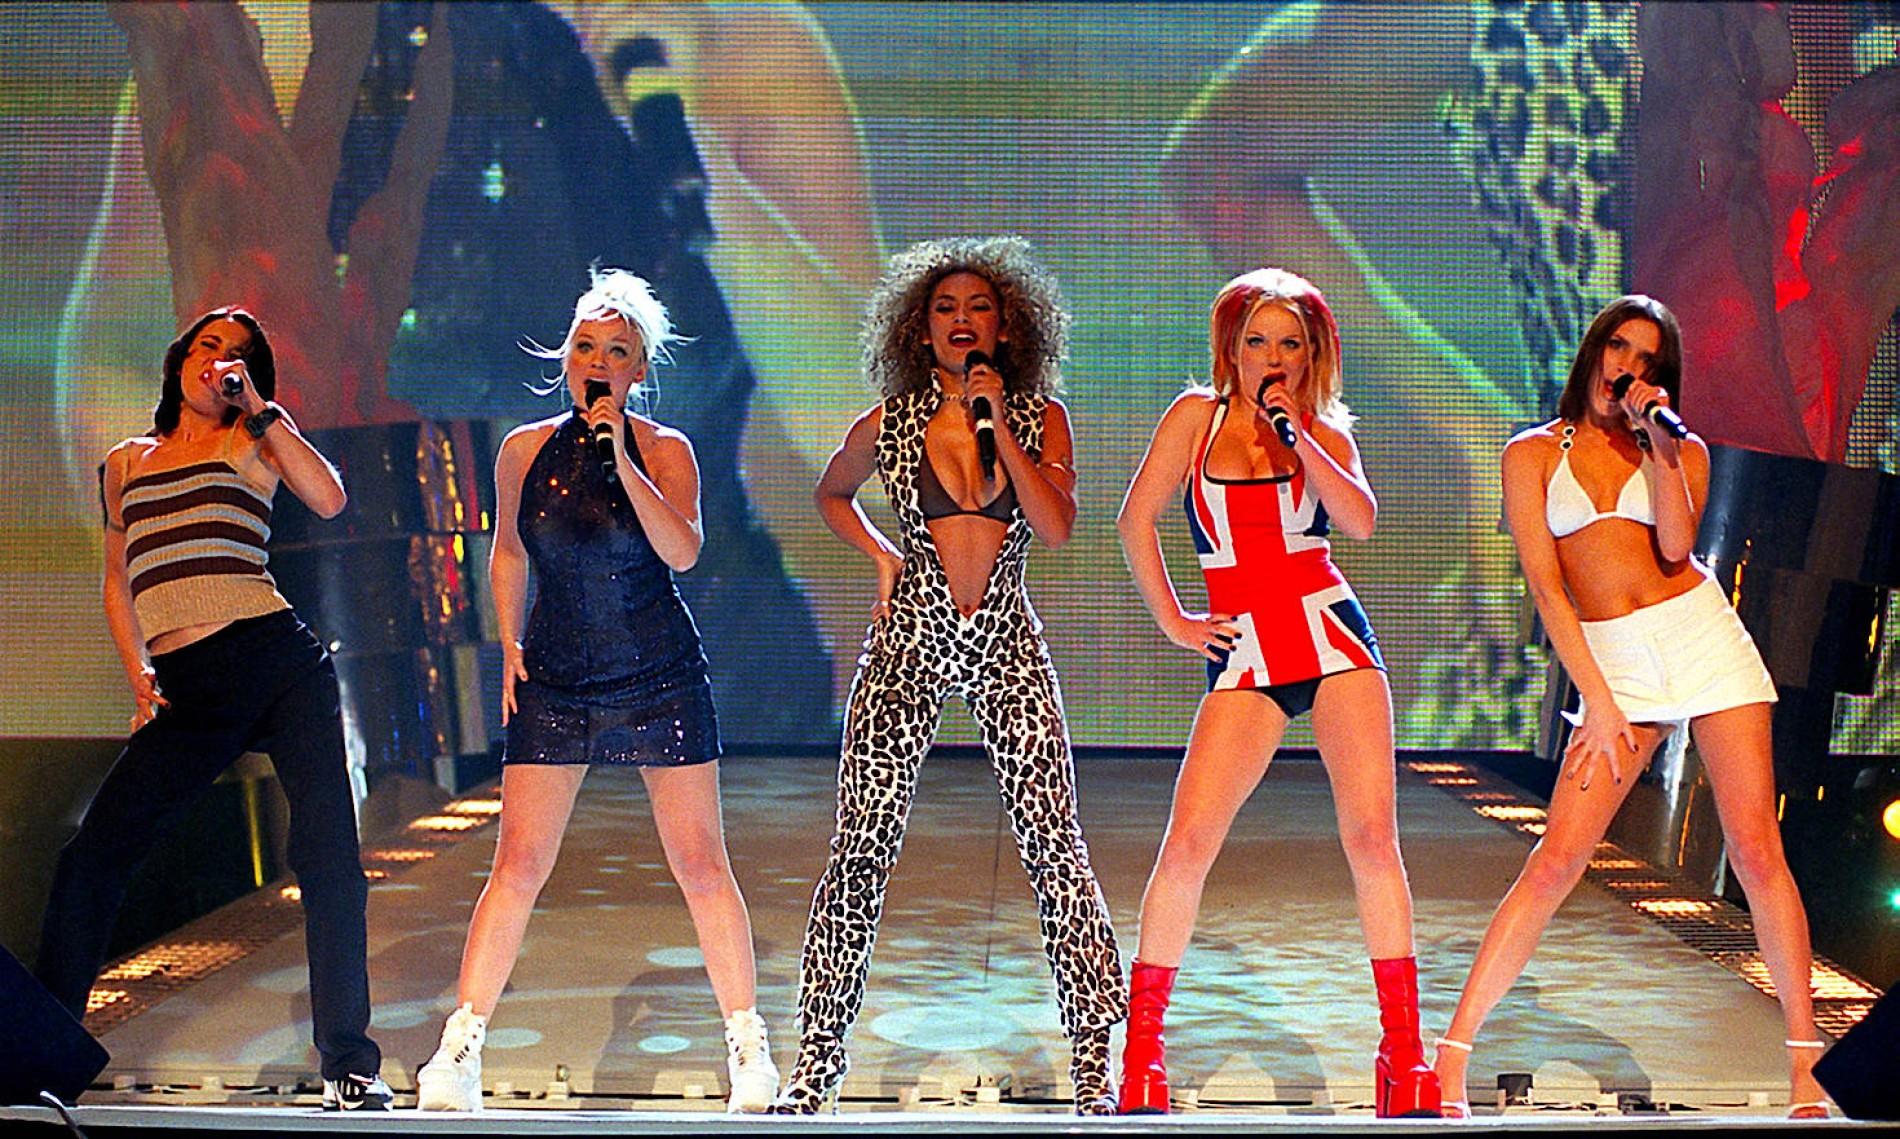 damals-die-spice-girls-1997.jpg